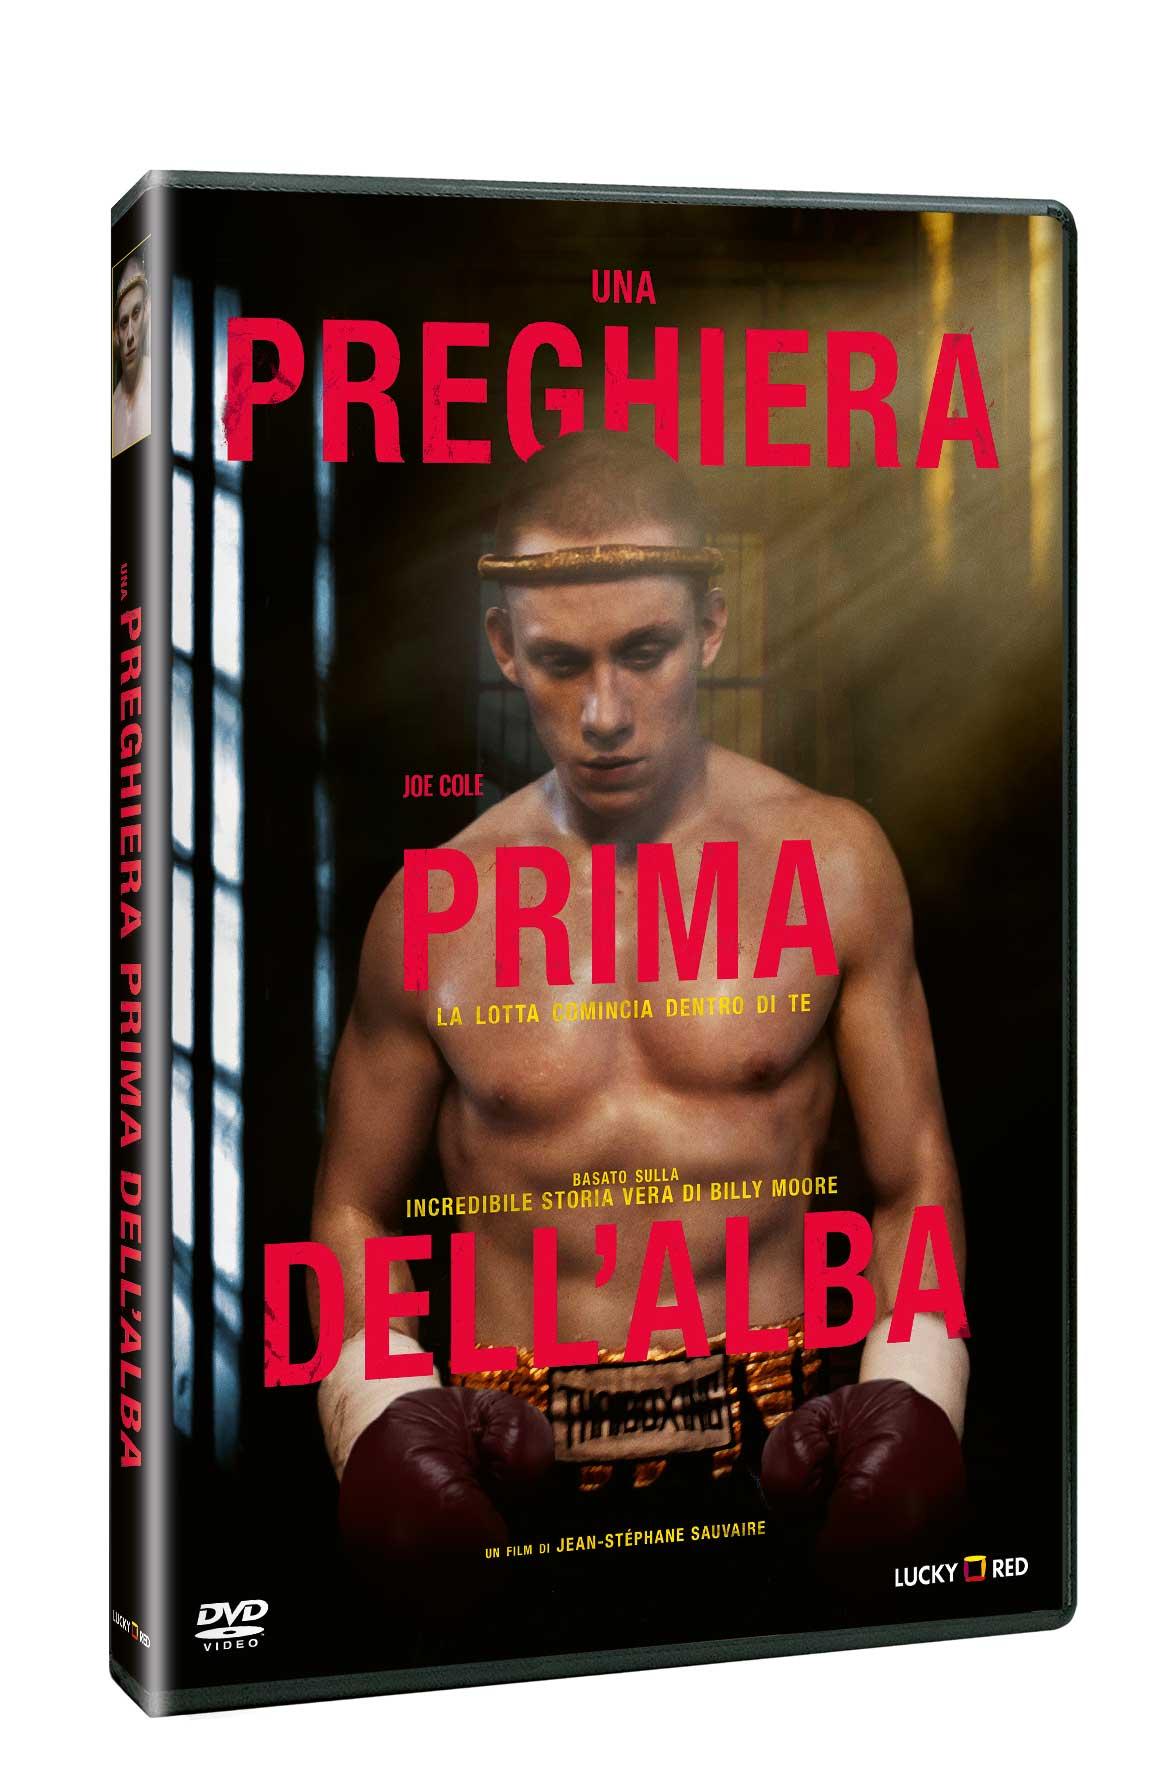 UNA PREGHIERA PRIMA DELL'ALBA (DVD)